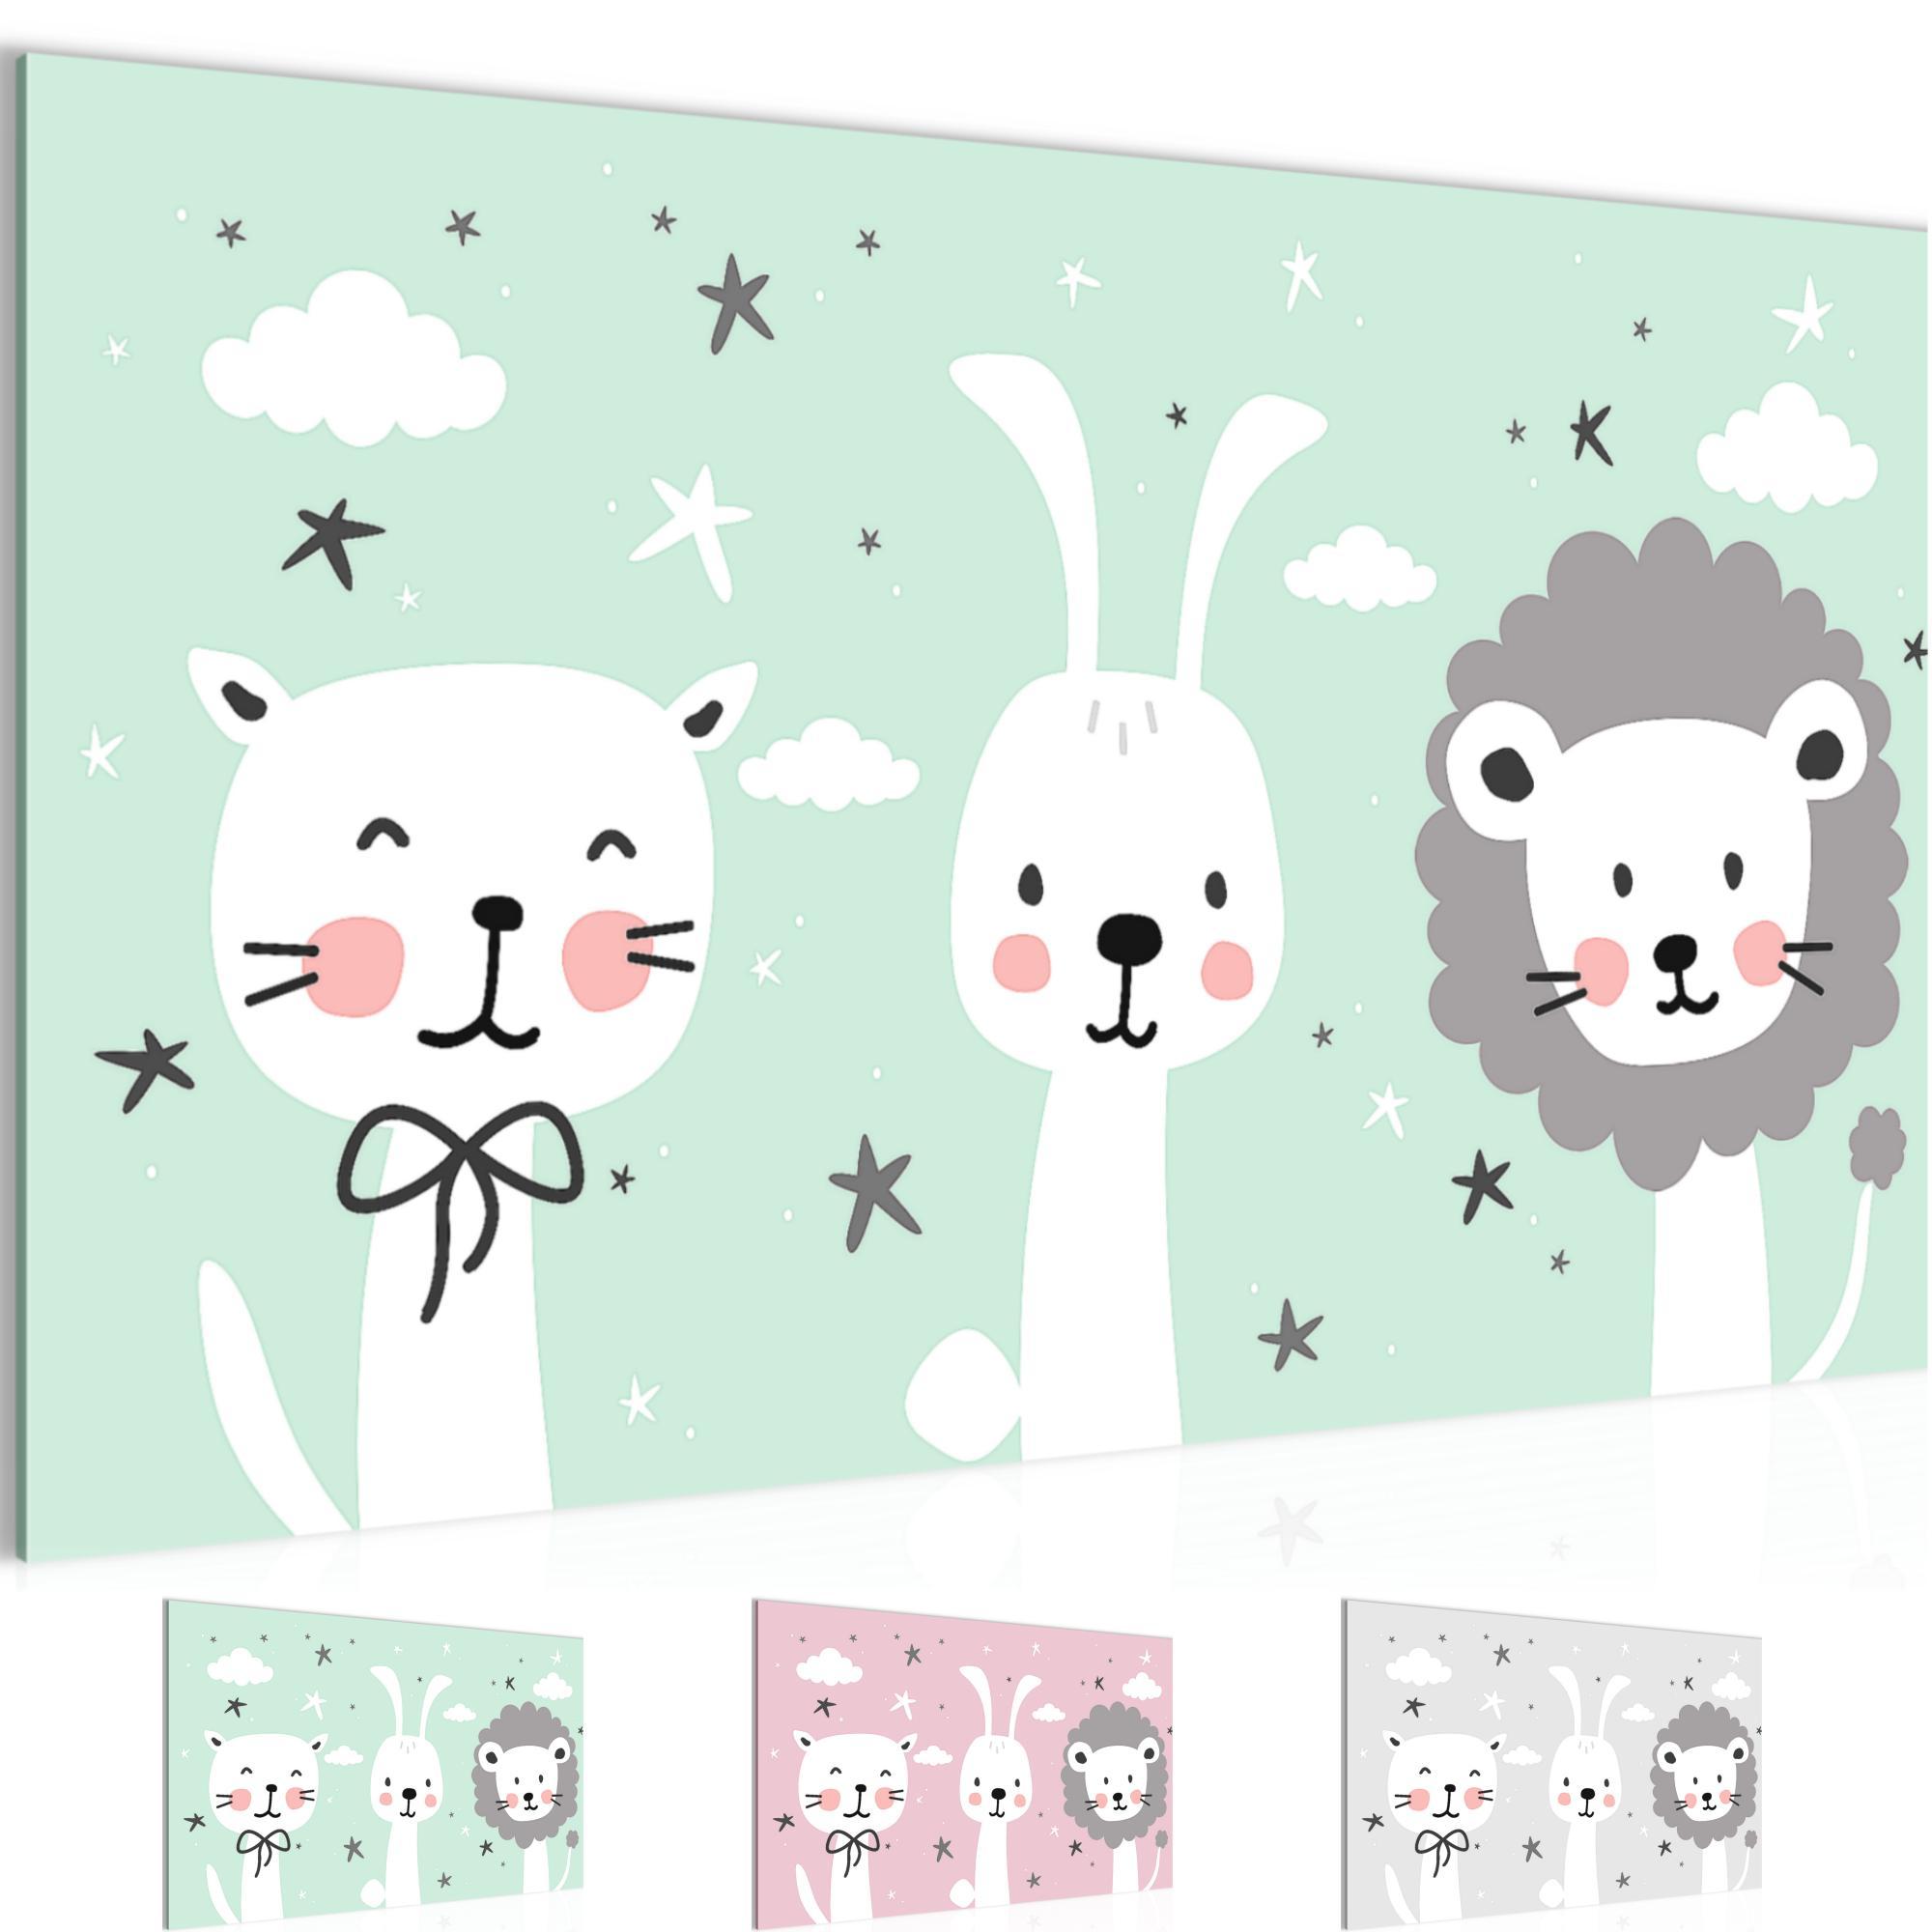 kinderzimmer tiere bild kunstdruck auf vlies leinwand xxl dekoration 019414p. Black Bedroom Furniture Sets. Home Design Ideas